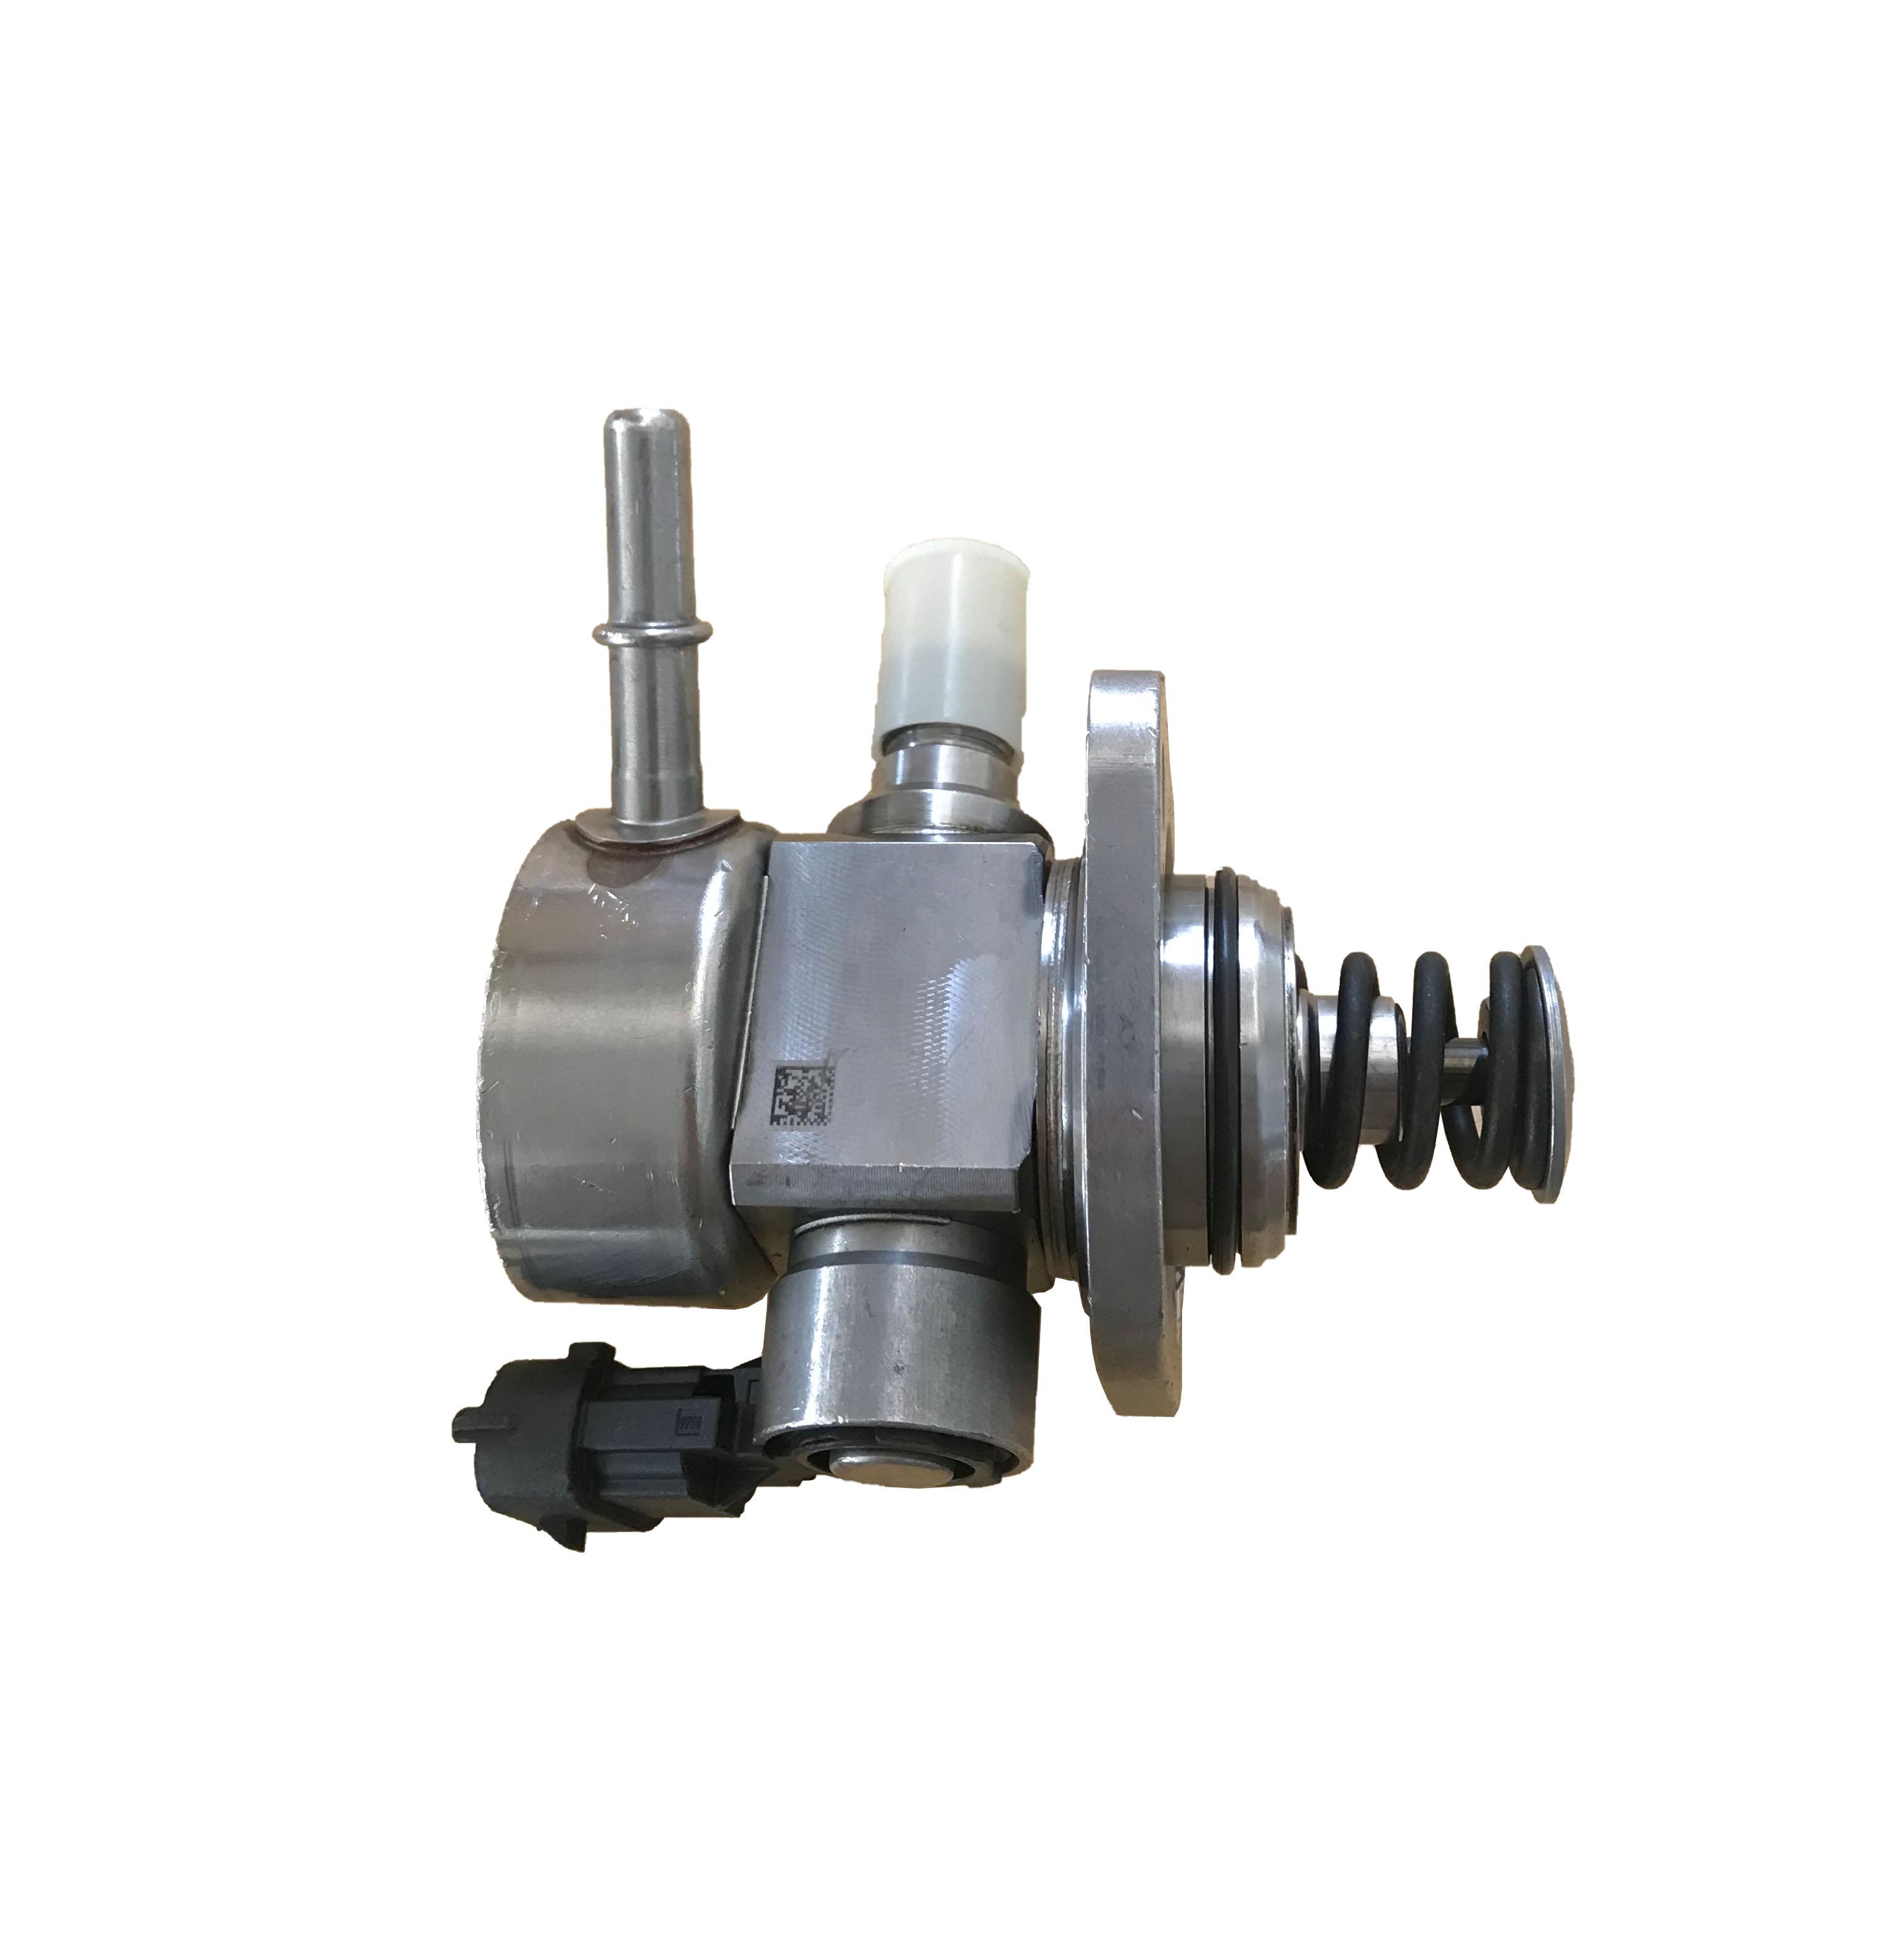 Orijinal otomobil parçaları Yakıt Pompası Escape Kuga DS7G 9D376 DC